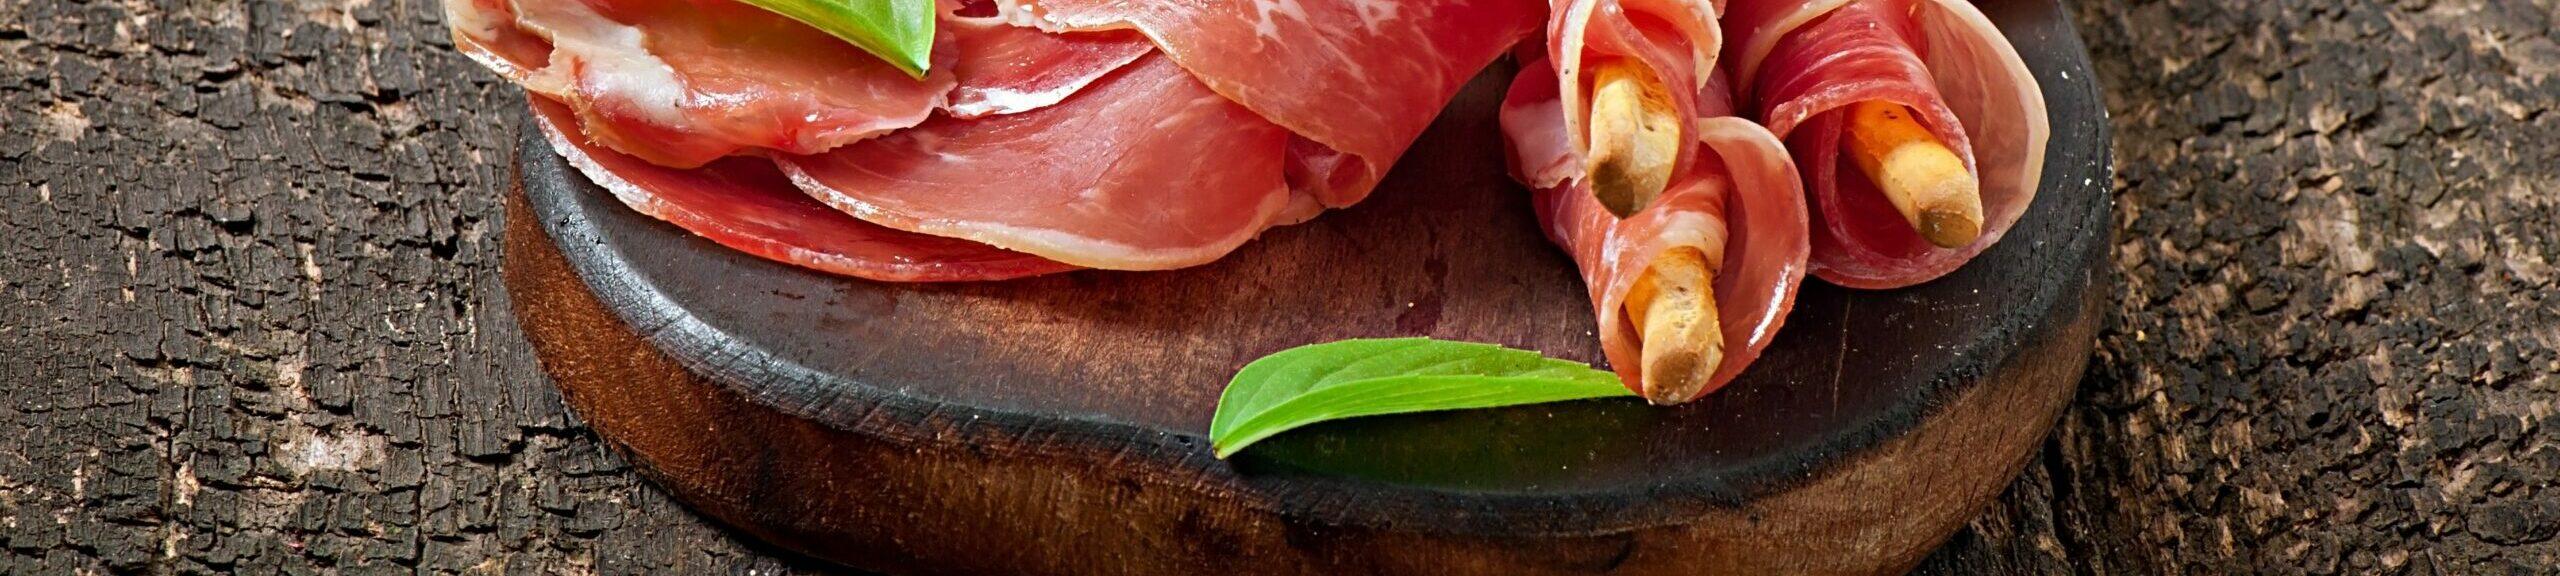 <p>Viaje a Guijuelo (Salamanca) para saber cómo distinguir el mejor ibérico del serrano. ¿Hay alguien a quién no le guste el jamón? Jamón de cerdo ibérico de bellota, claro. Un producto excepcional que es uno de los grandes tesoros gastronómicos de España. La primera denominación de origen para jamones ibéricos […]</p>